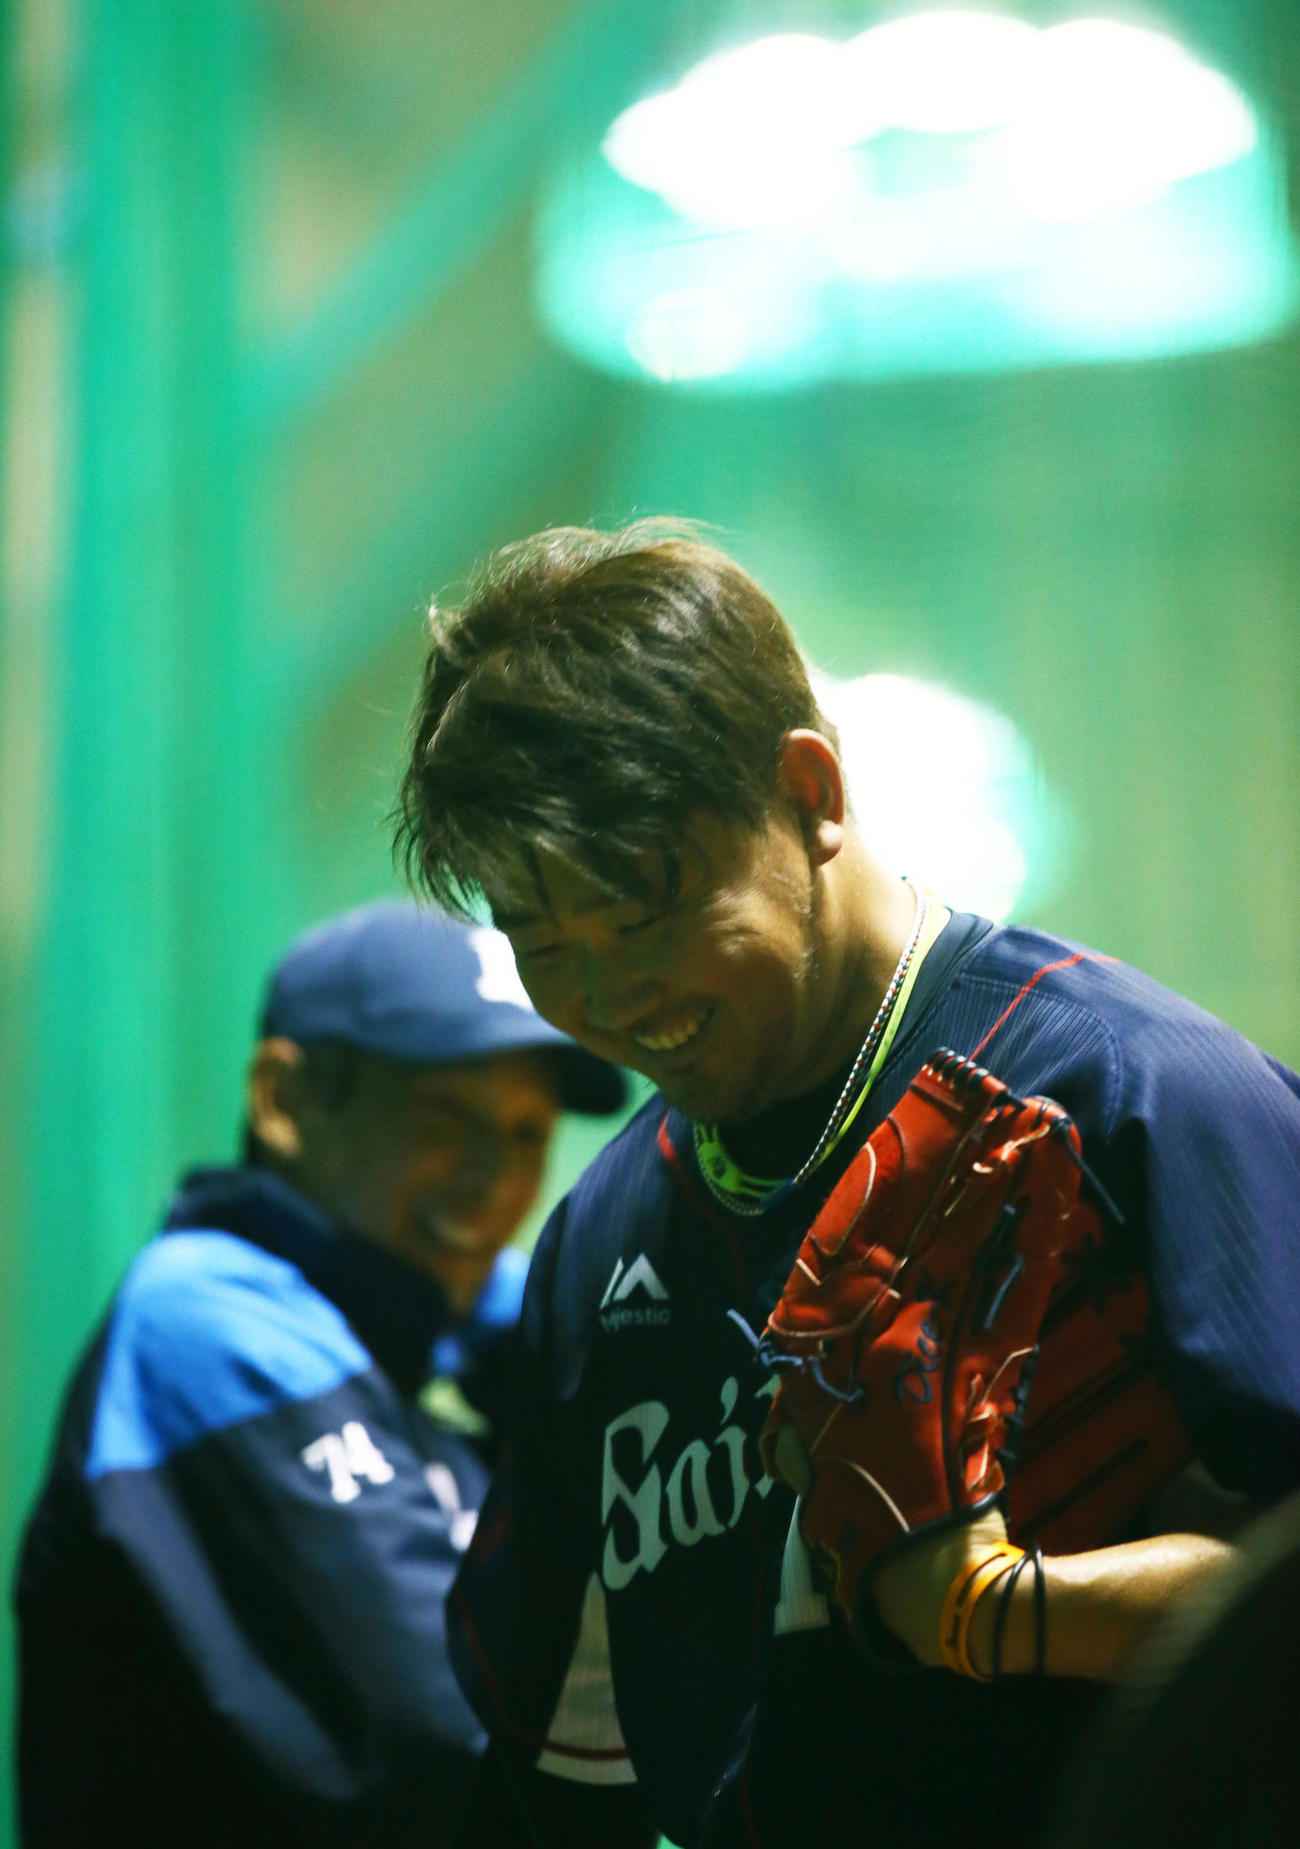 ブルペンでの投球を終えた西武松坂(右)は西口コーチ(左)の声に笑顔を見せる(撮影・足立雅史)